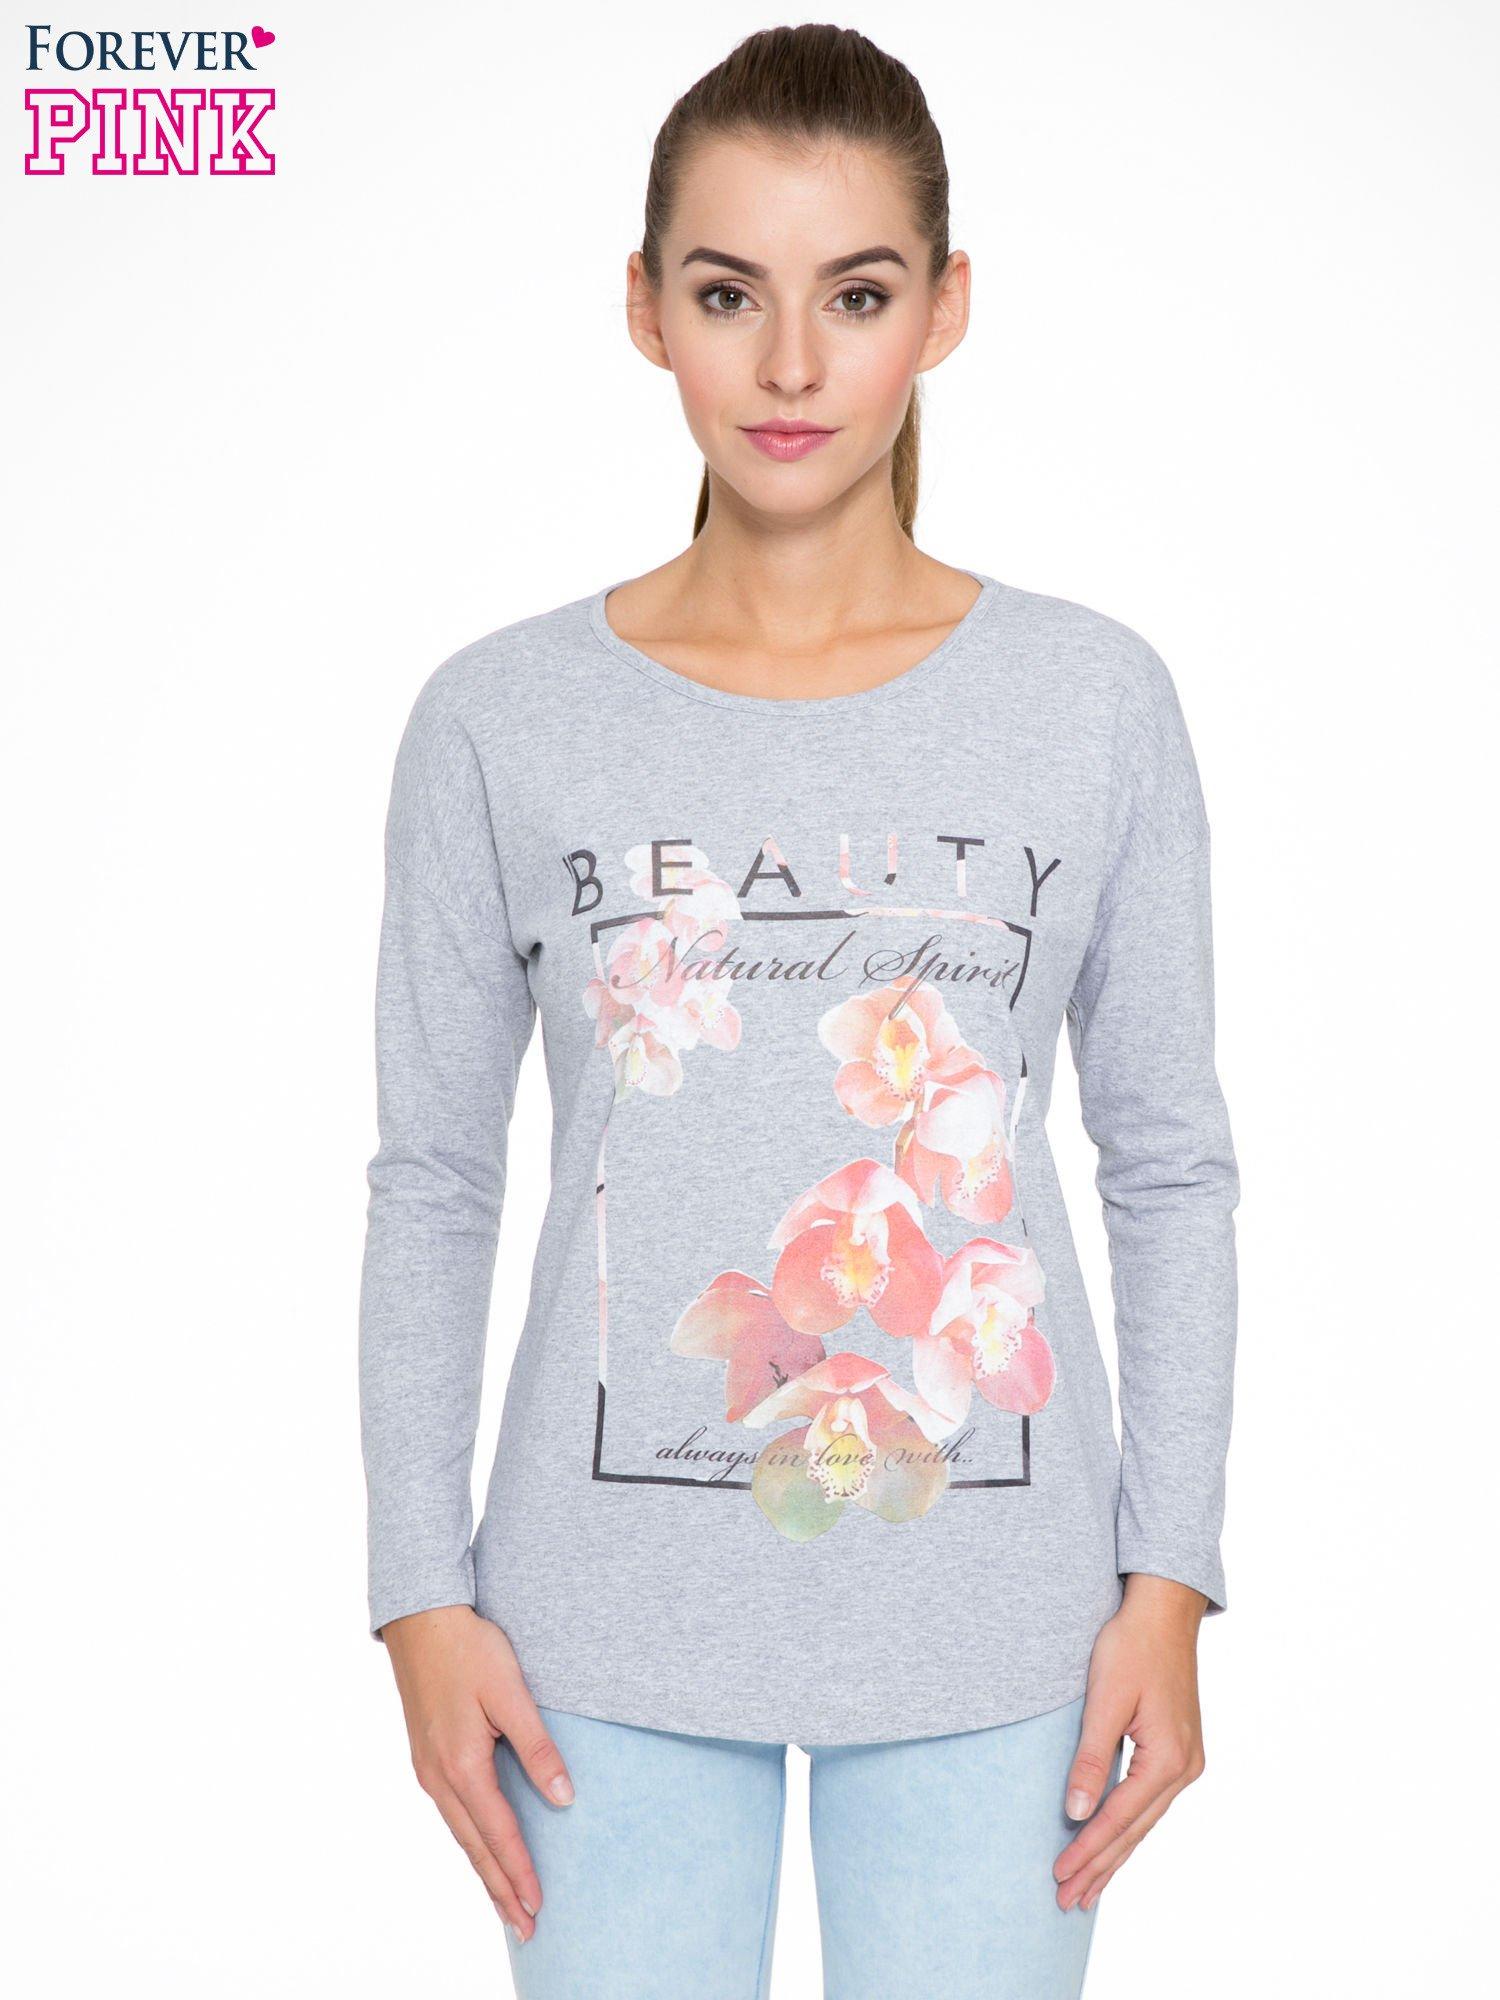 Szara bluzka z nadrukiem kwiatowym i napisem BEAUTY                                  zdj.                                  1